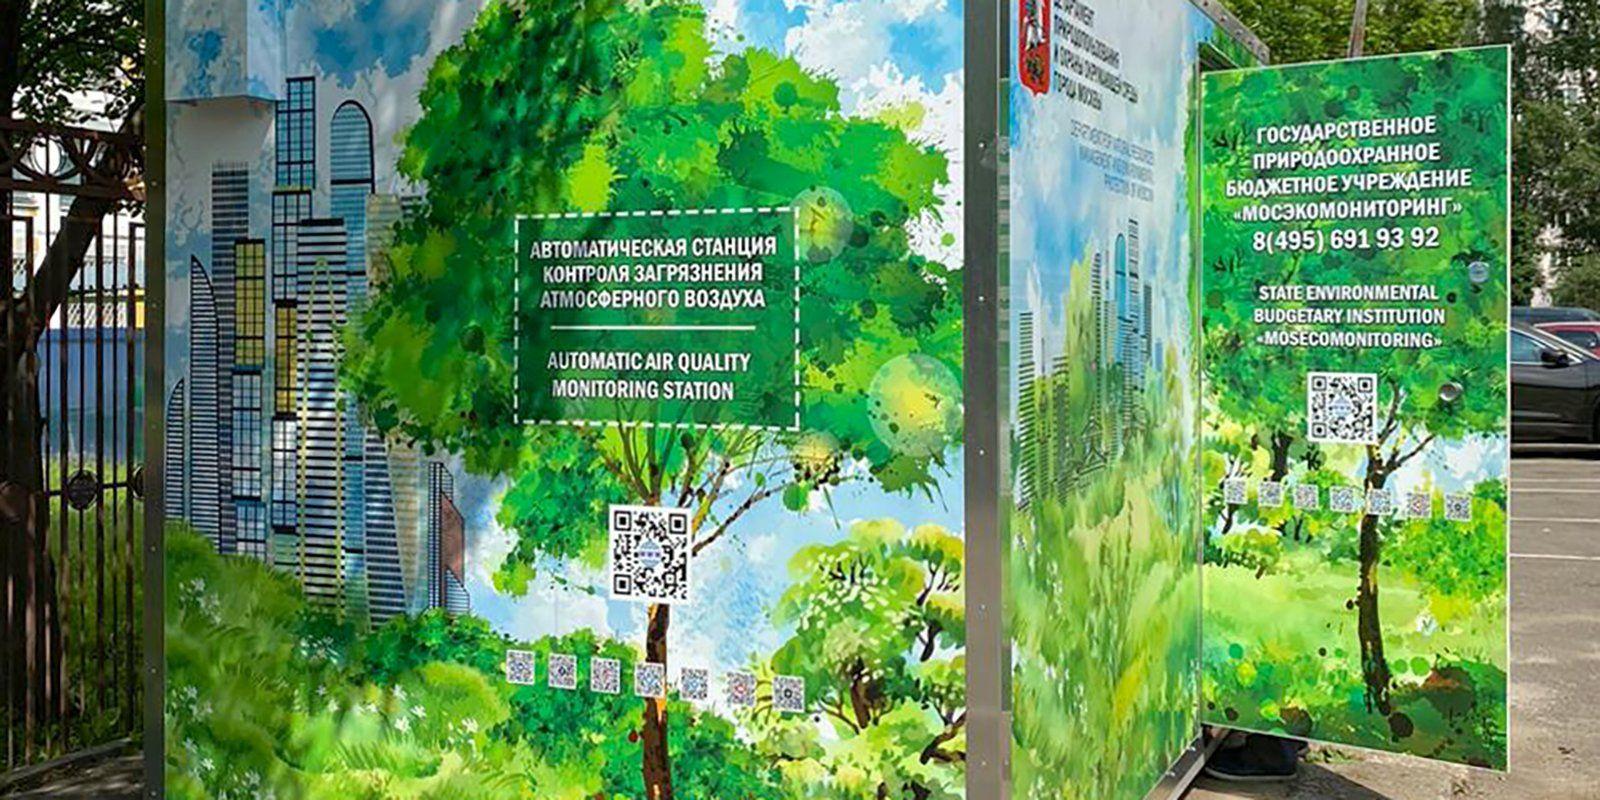 Замена станций контроля воздуха стартовала в Москве